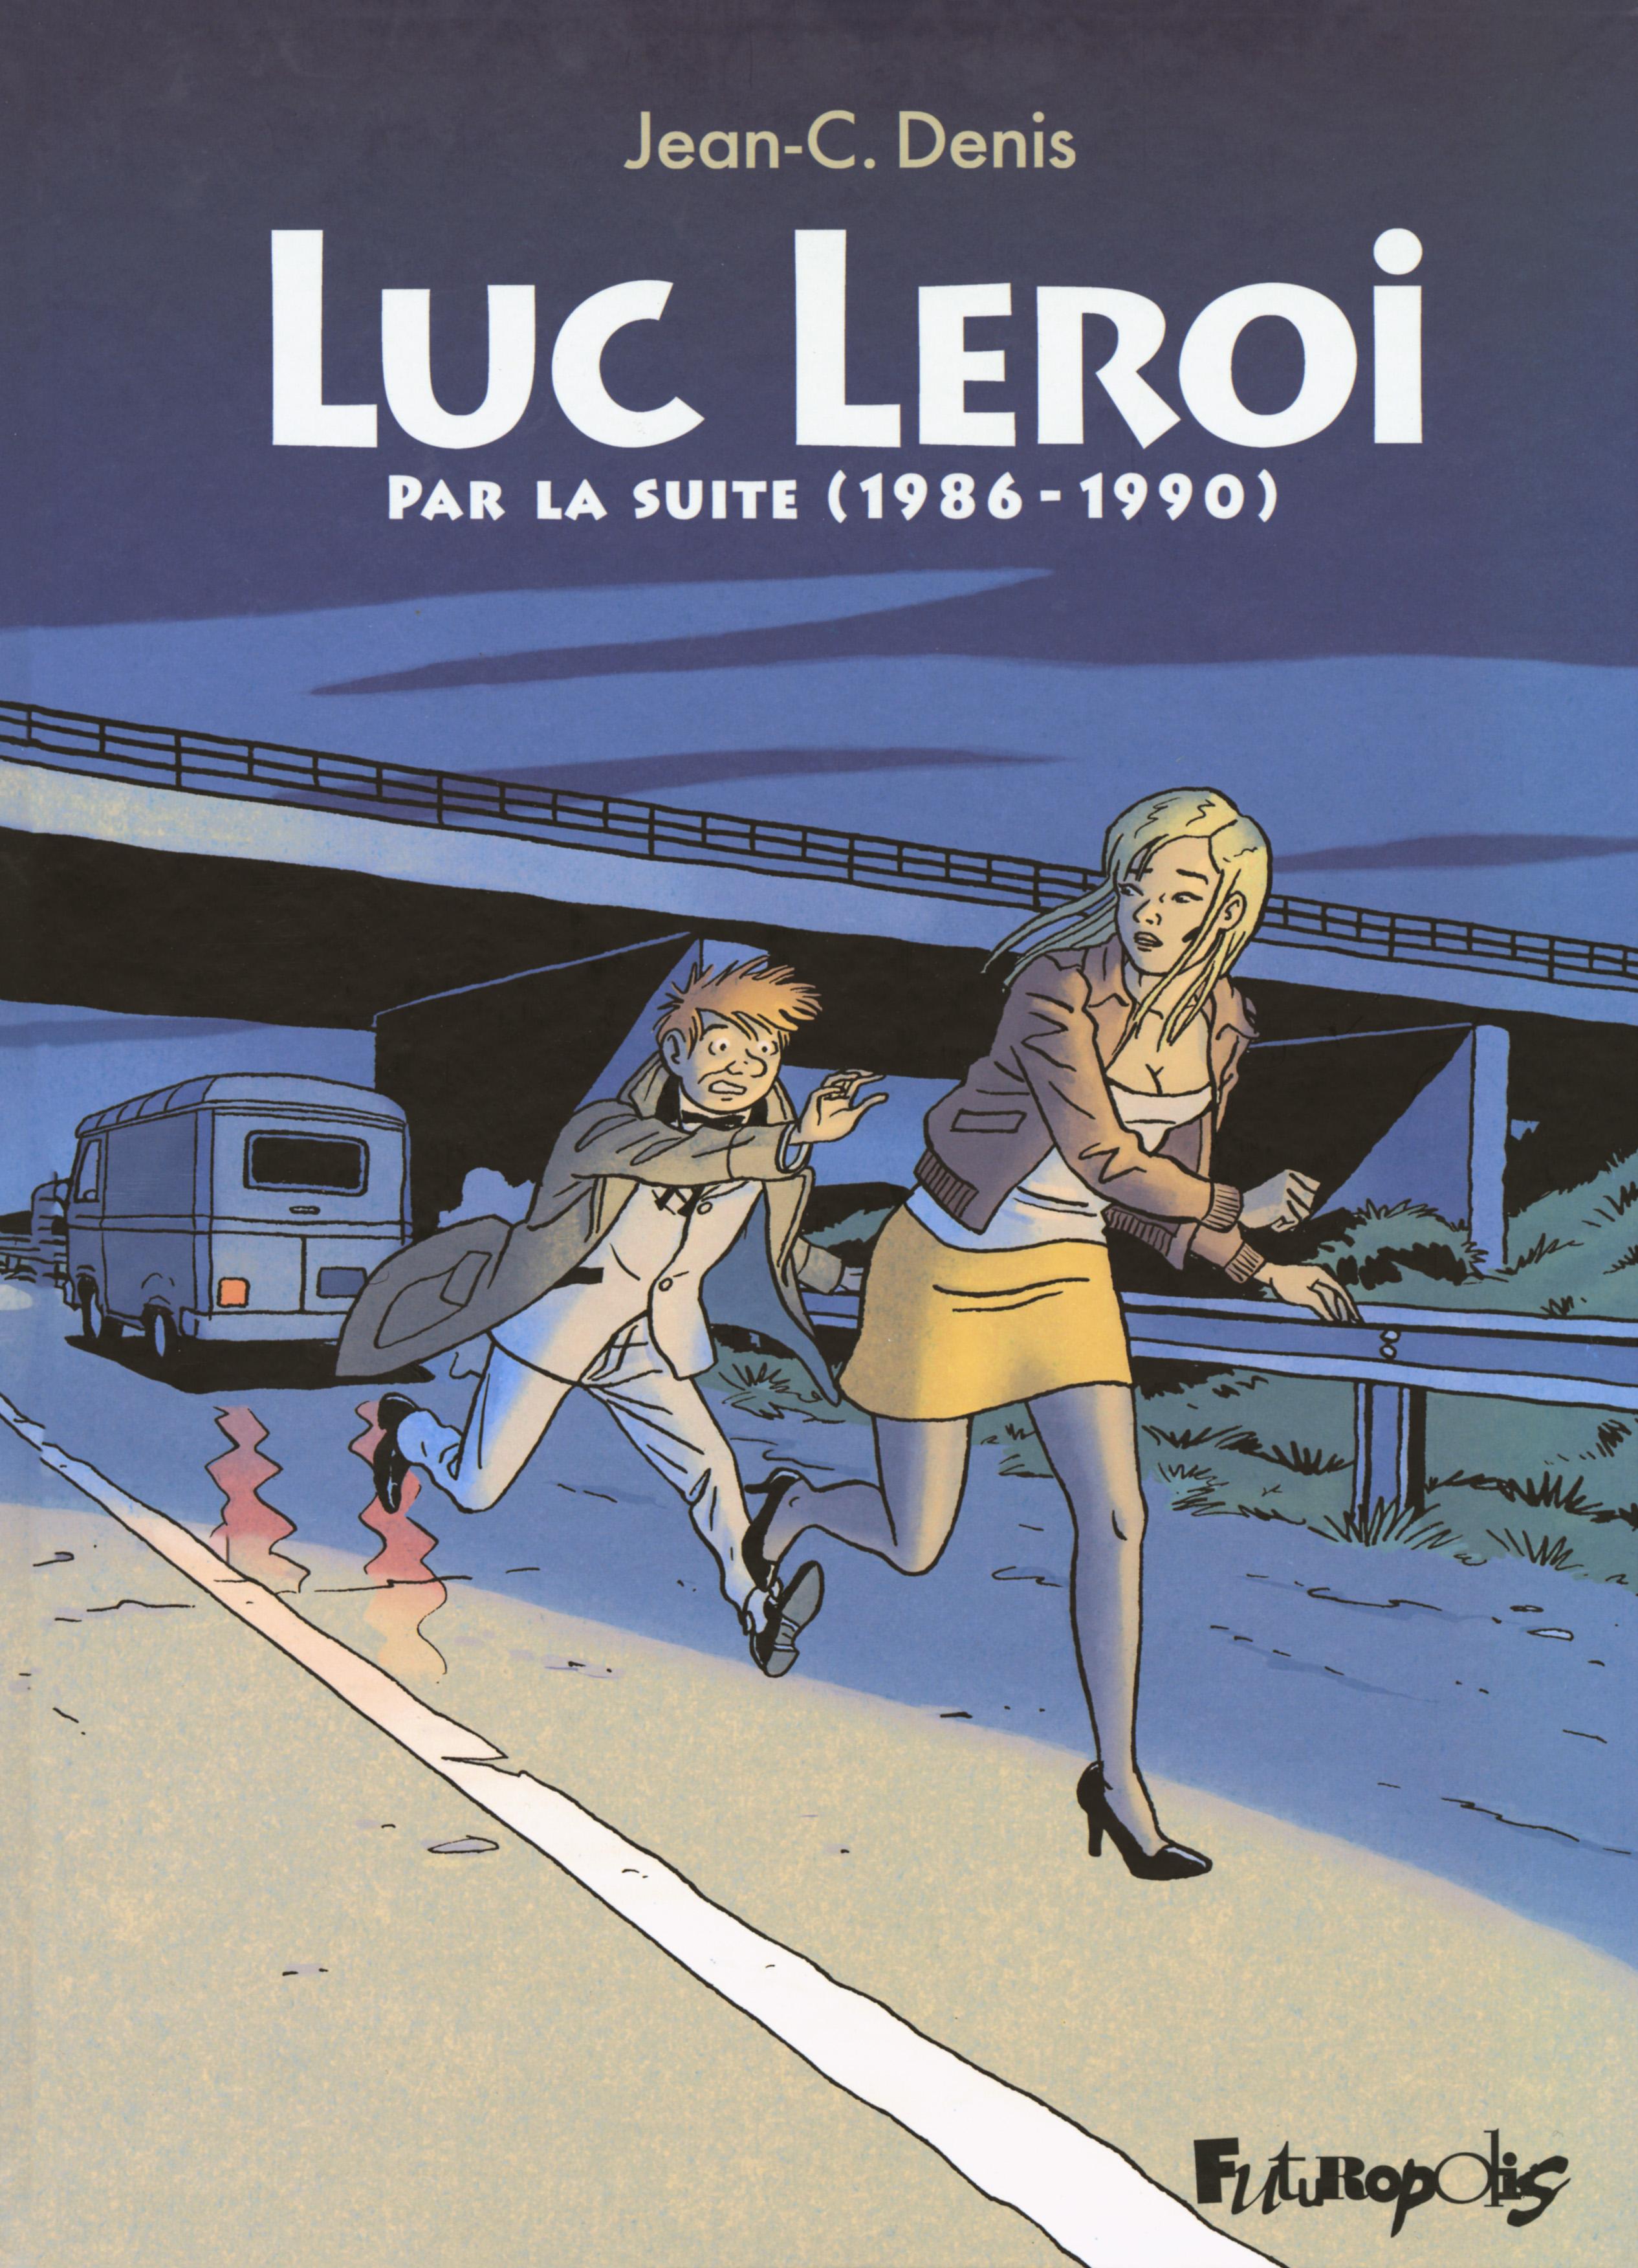 Luc Leroi - L'Intégrale 2 (Par la suite 1986-1990)